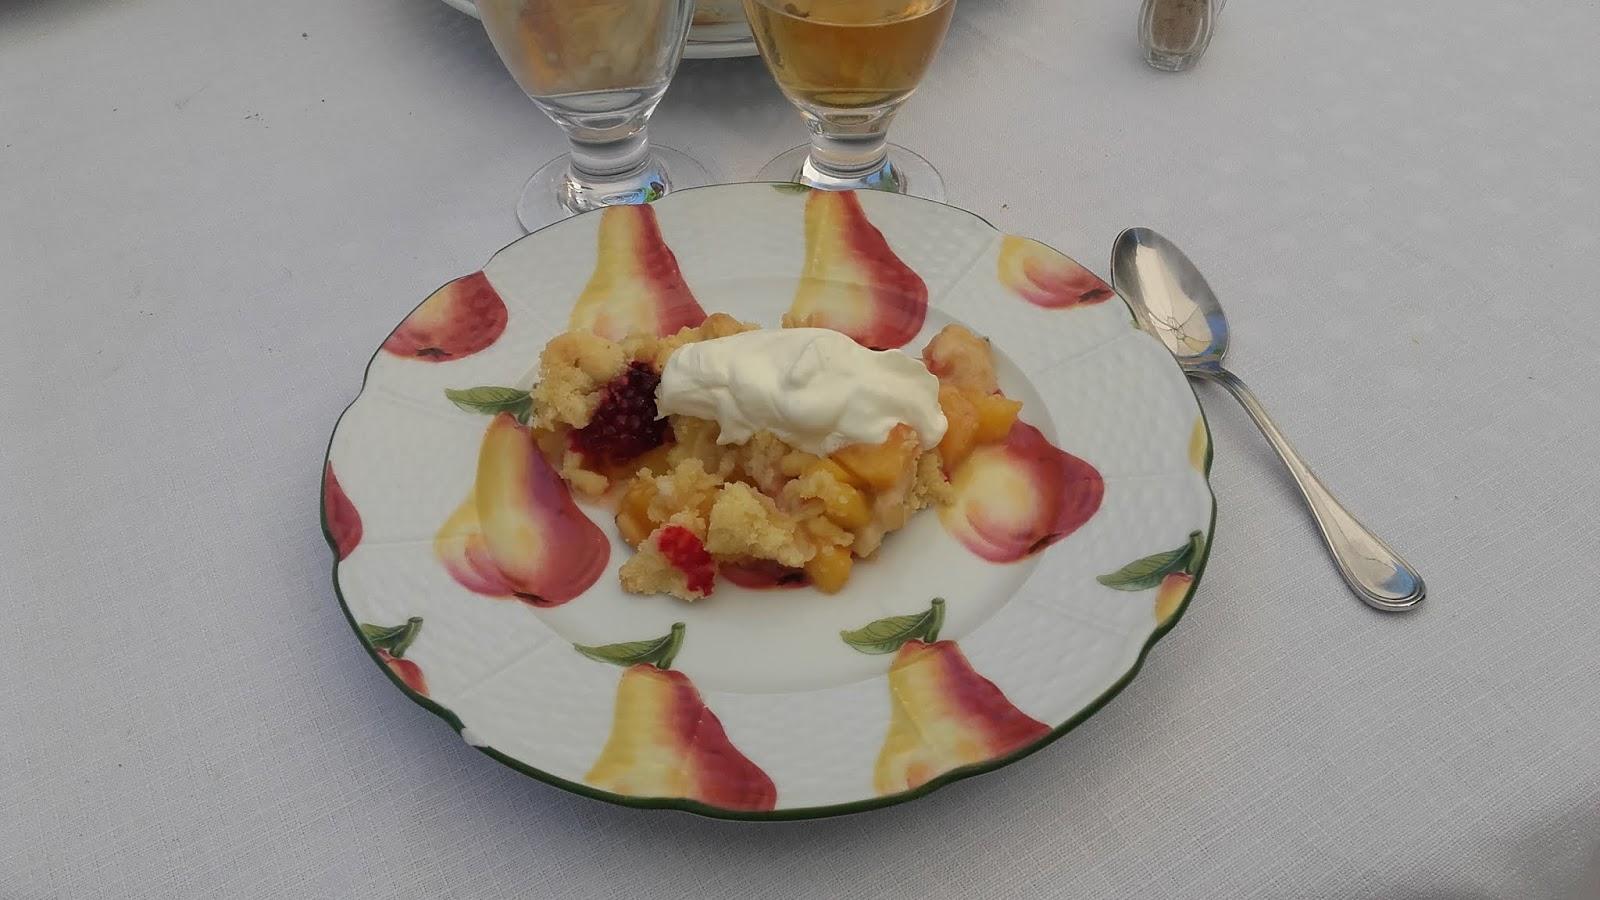 Pour Le Dessert J Ai Préparé Un Crumble De Pêches Avec Les Mûres Du Potager Déjeuner était Accompagné Cidre Bien Frais La Belle Saison Est Courte